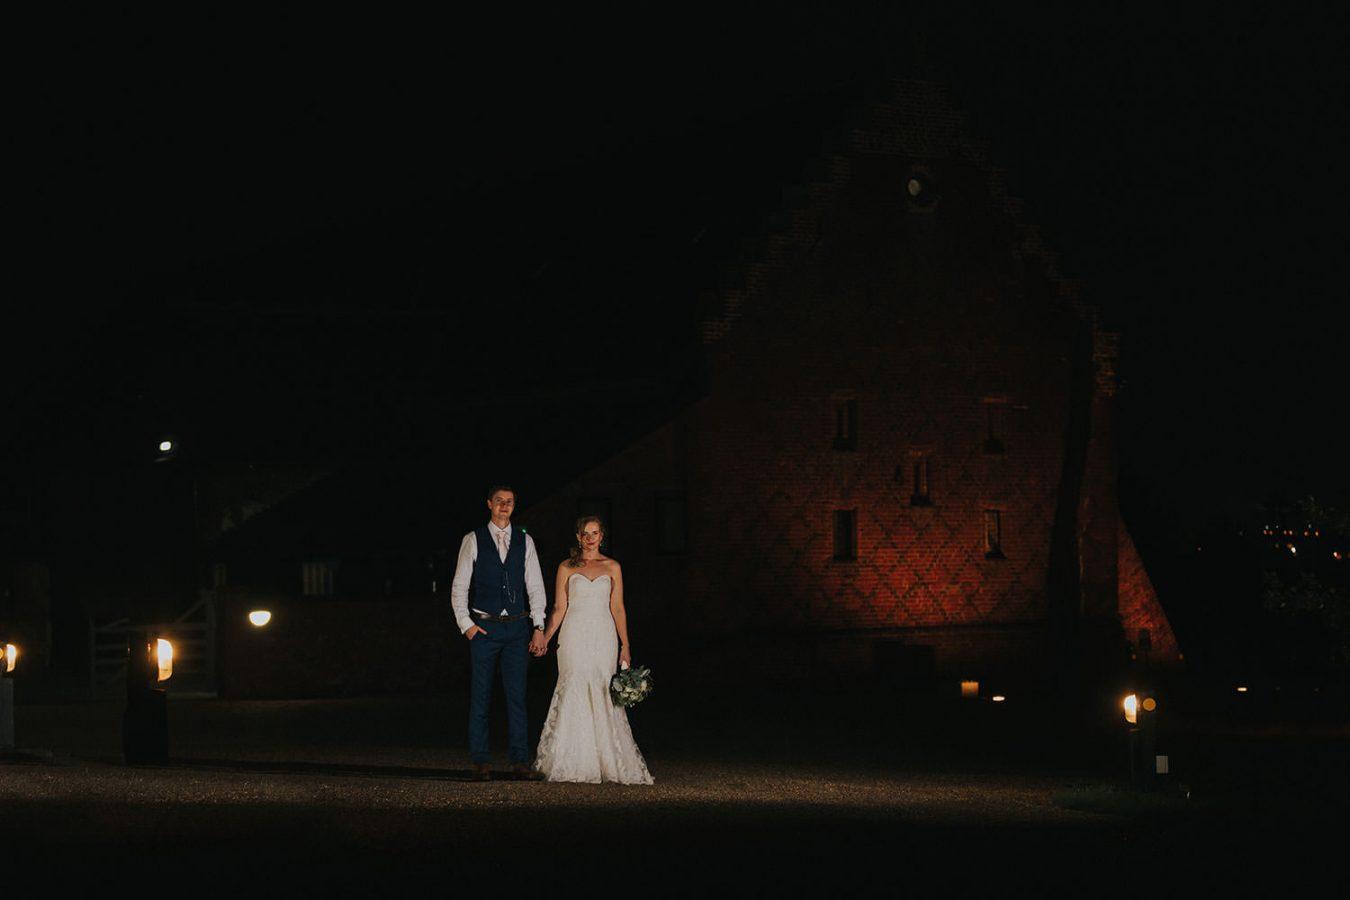 copdock-hall-wedding-photography-061